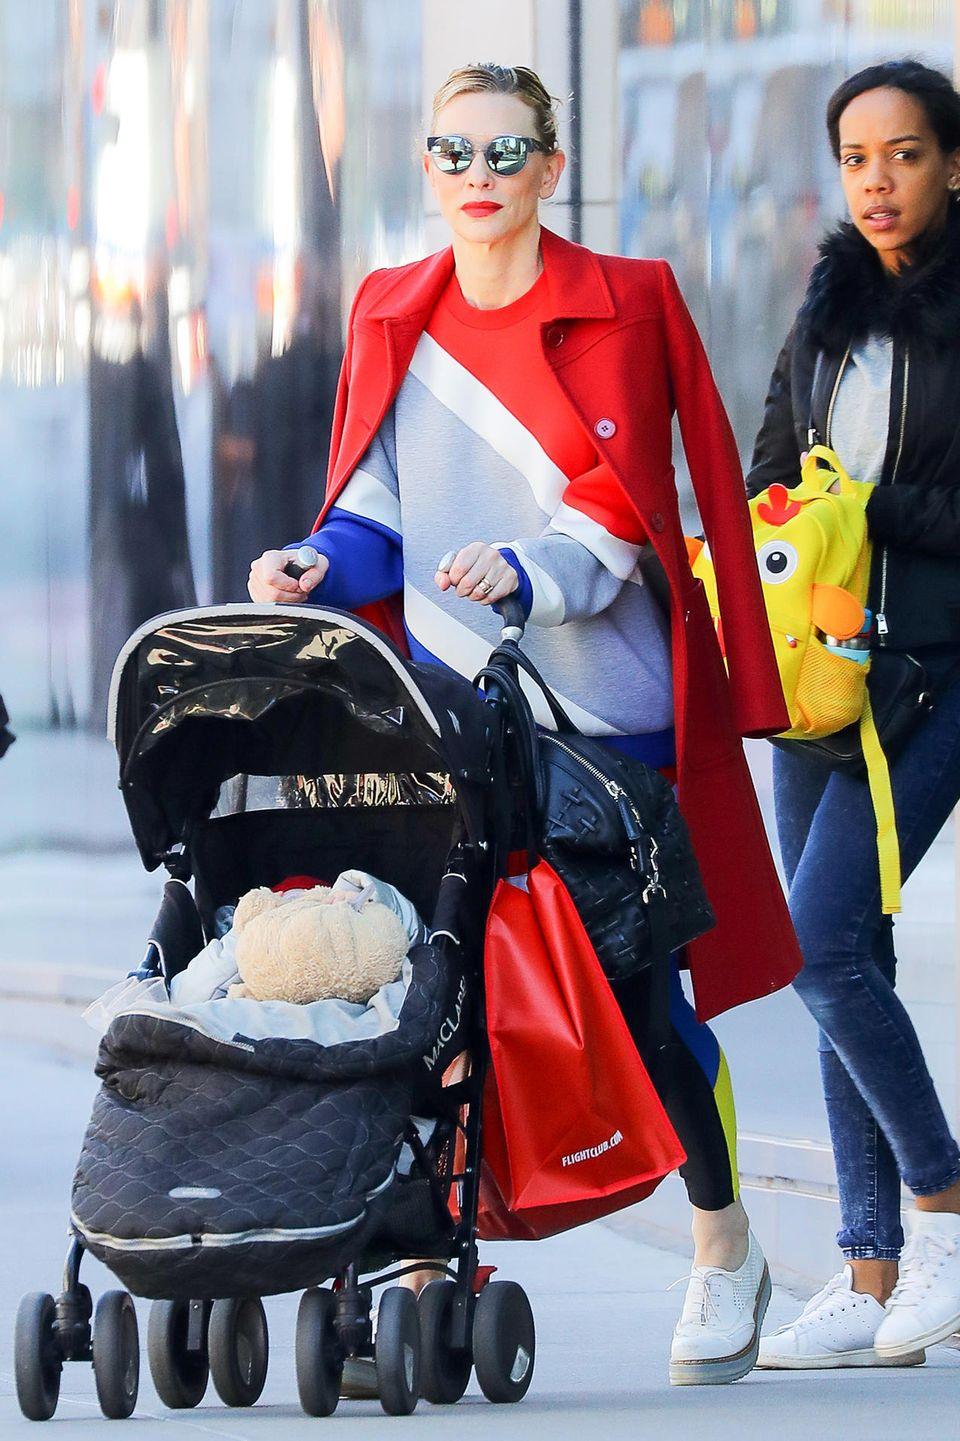 Gestylt mit sportlichem Outfit und knallroten Lippen zum eleganten, leuchtend roten Mantel können wir uns an Cate Blanchett gar nicht satt genug sehen.